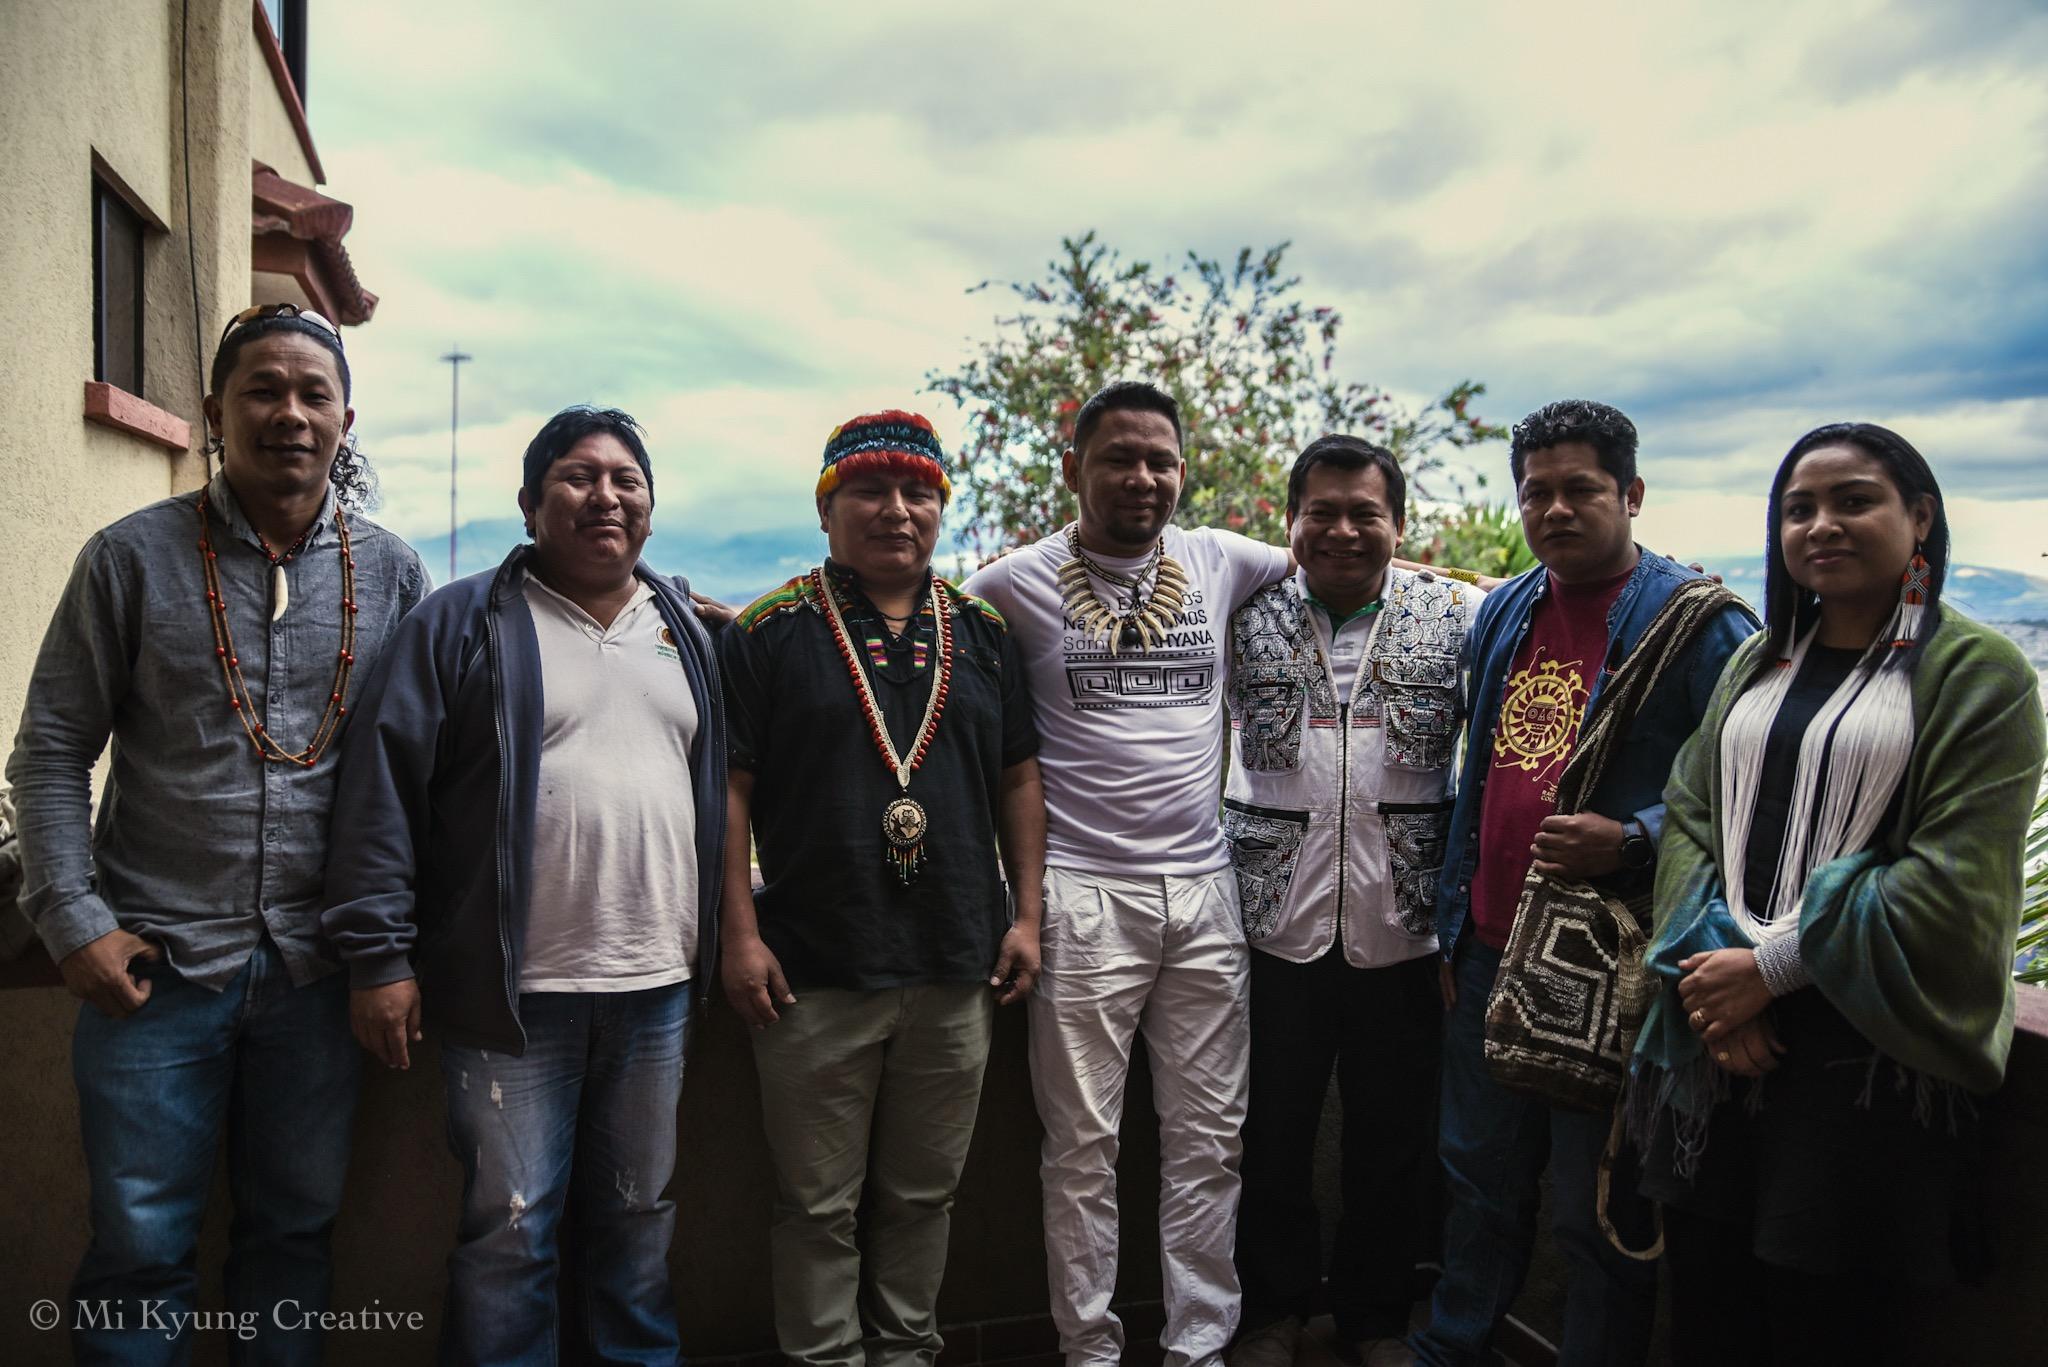 La COICA lanza al mundo un llamado para defender a los defensores indígenas amazónicos